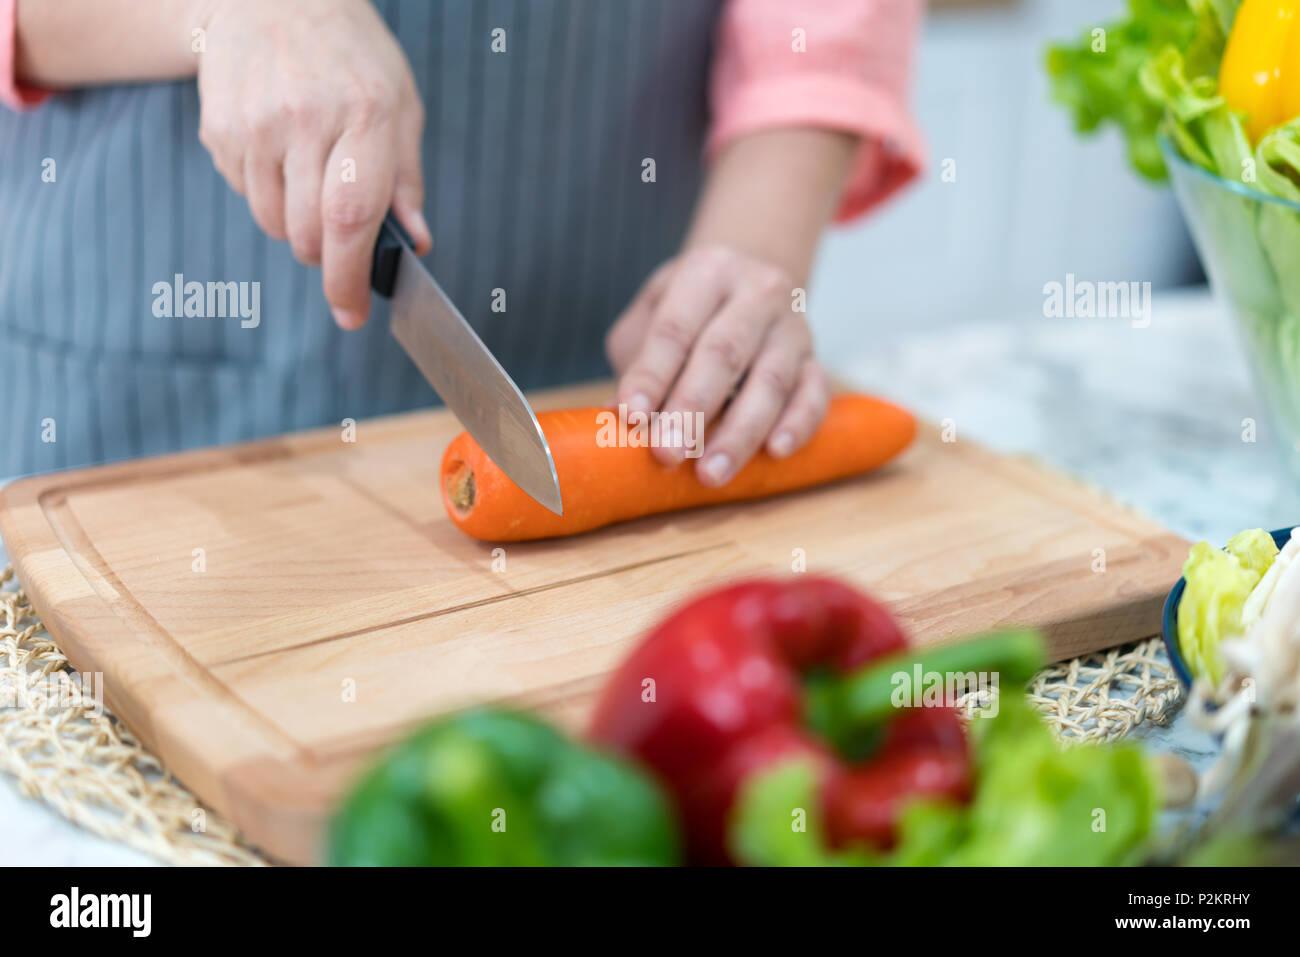 La mano con la zanahoria de corte de la cuchilla. La mujer prepara la comida en la mesa. El chef cocina deliciosa cena. Trabajo que requiere habilidad. Imagen De Stock